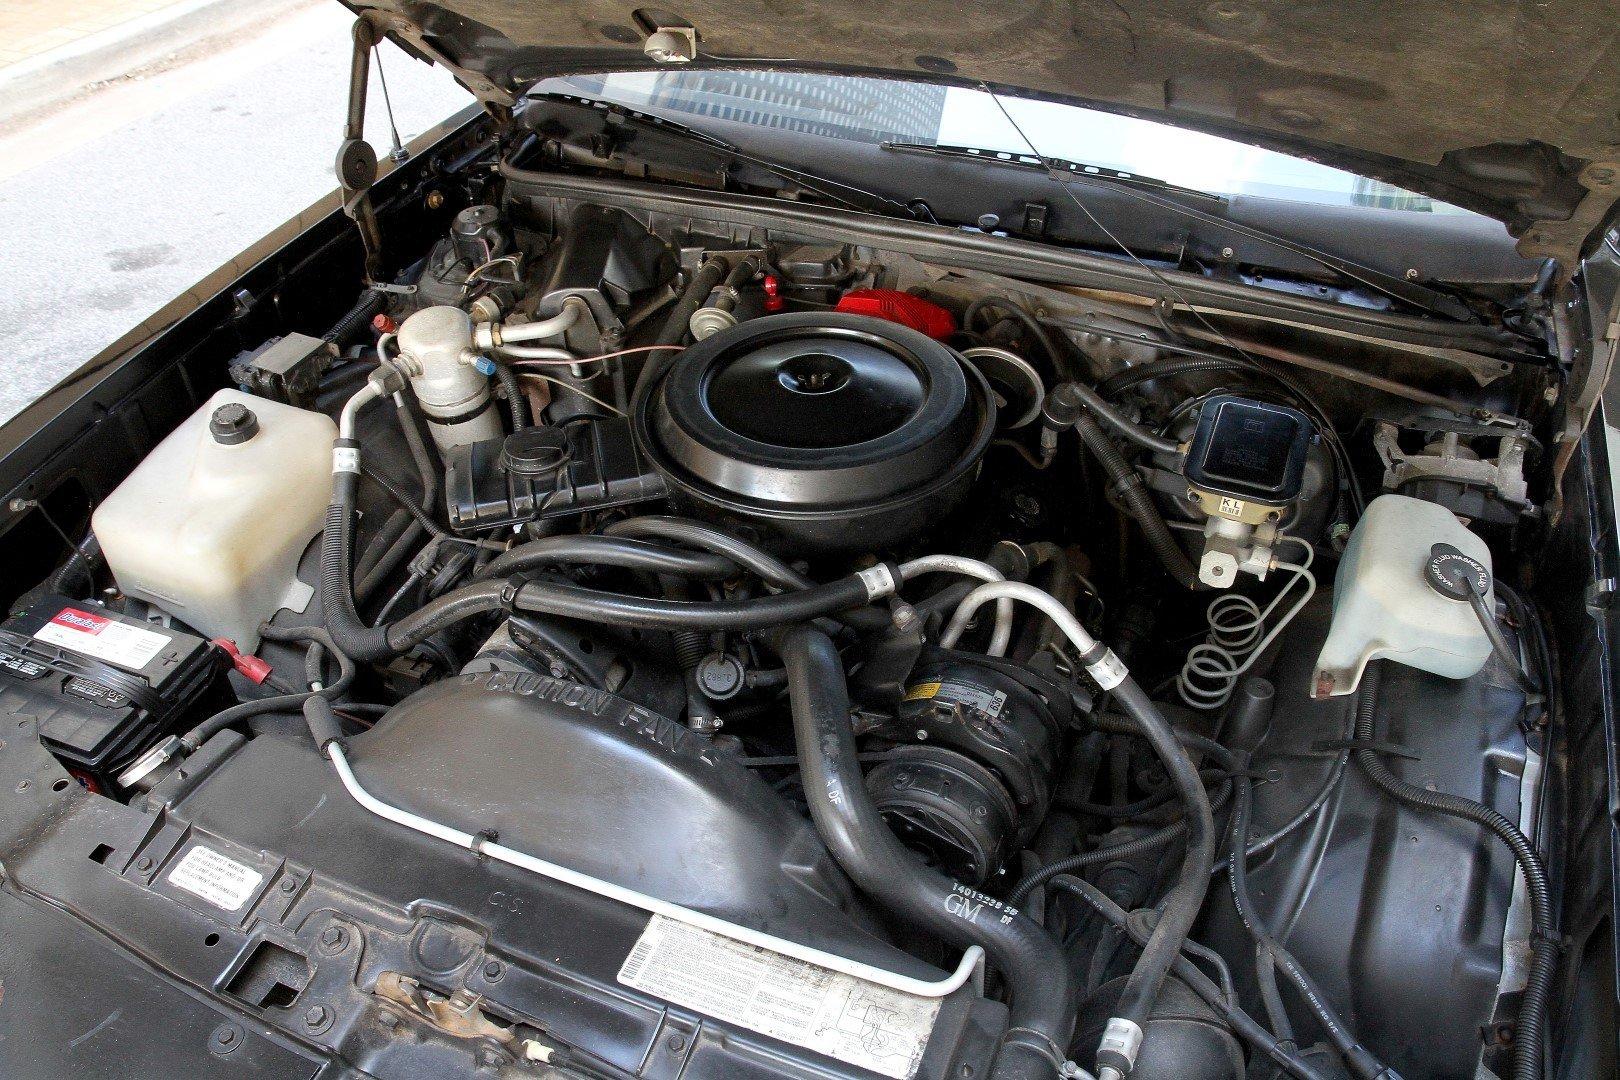 1987 Chevrolet Monte Carlo | Motorcar Studio